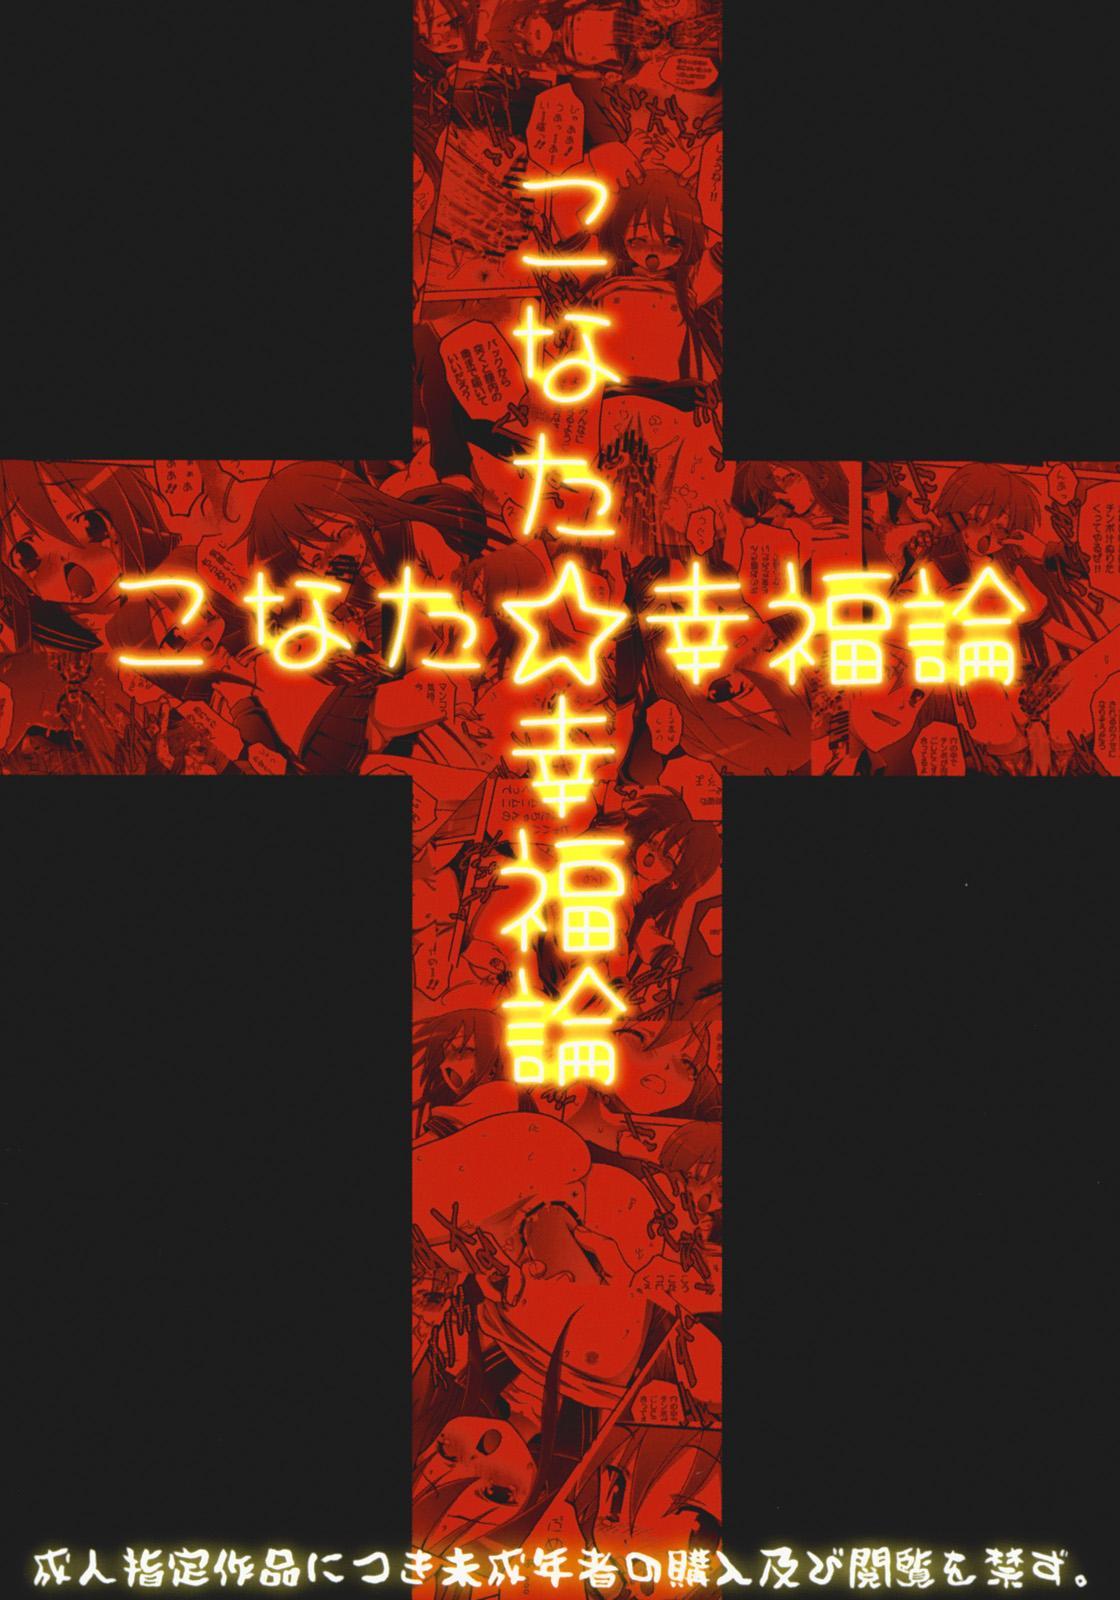 Konata Koufukuron 25